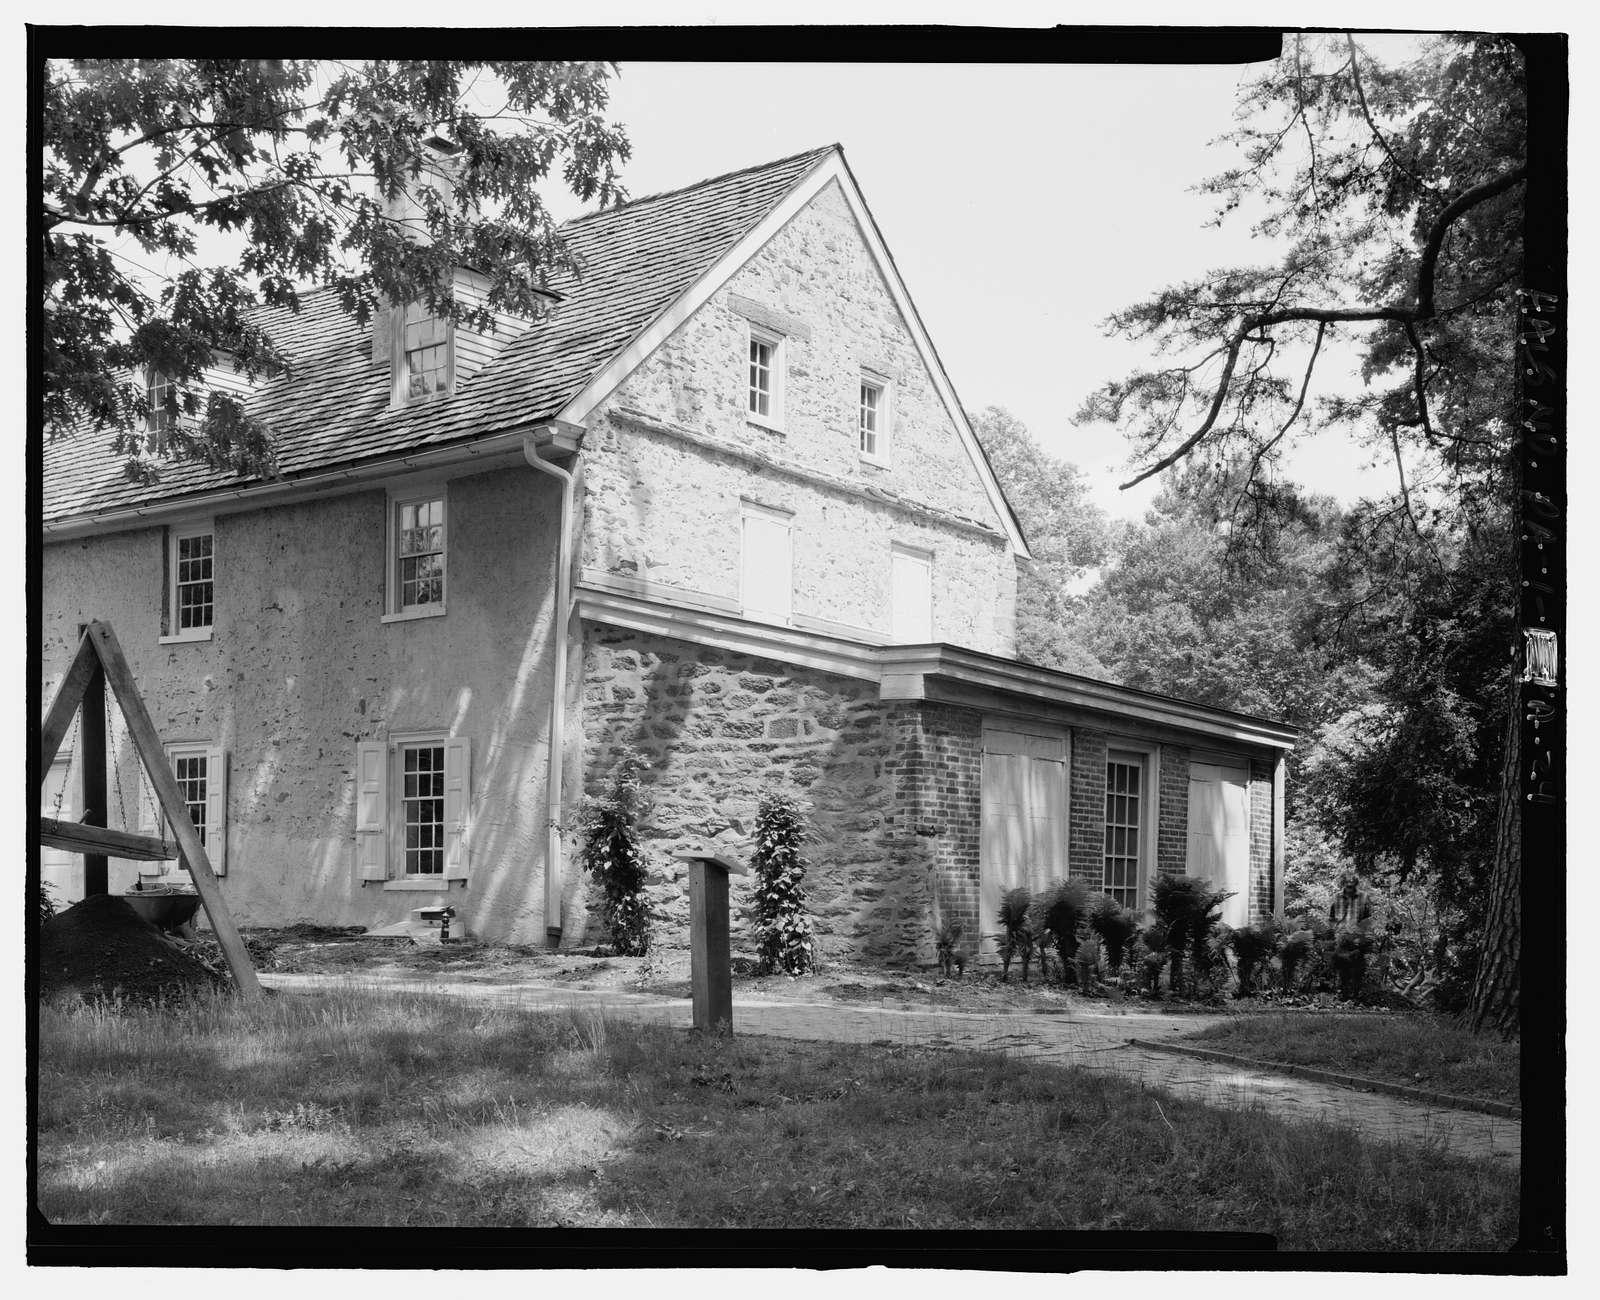 John Bartram House & Garden, House, 54th Street & Lindbergh Boulevard, Philadelphia, Philadelphia County, PA